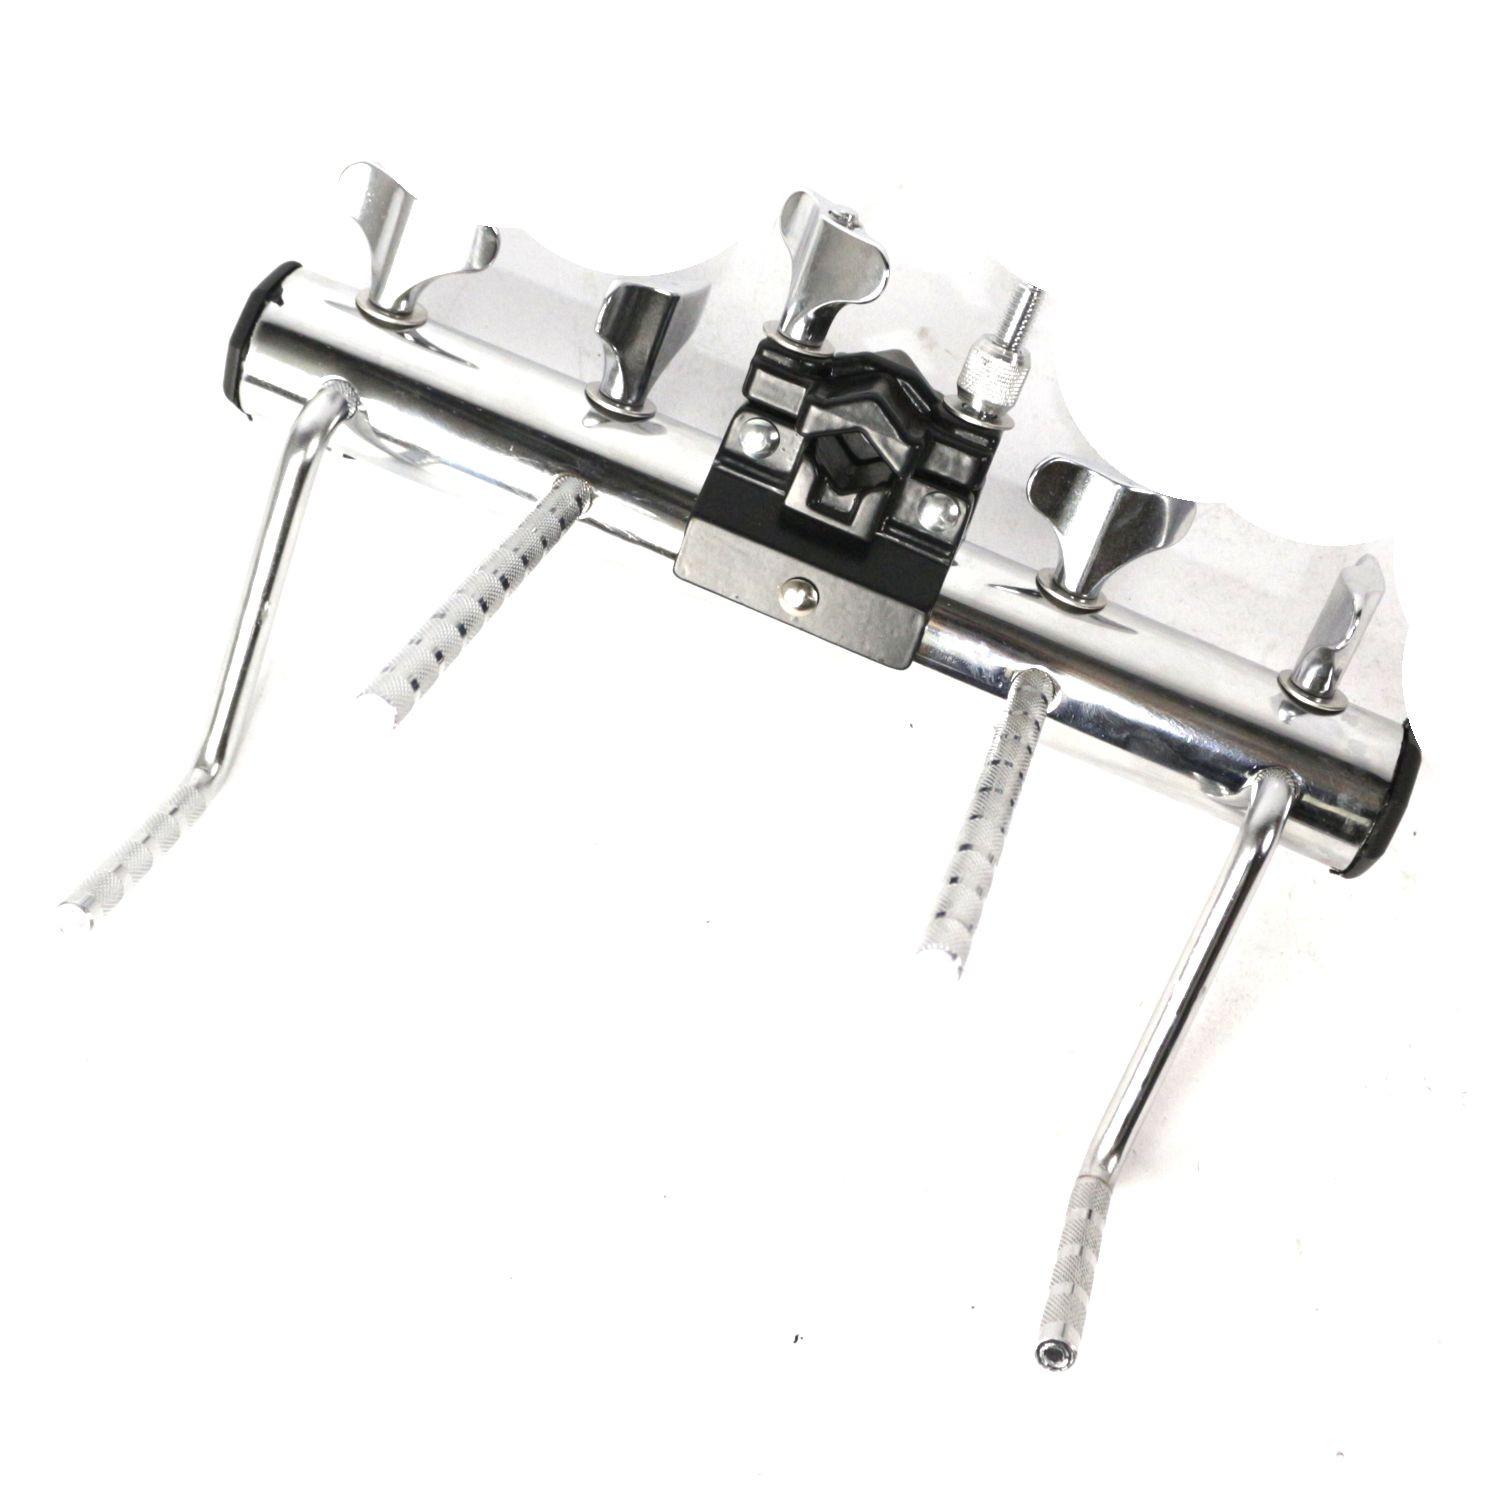 Mini RACK de Percussão ADAH com 4 Hastes - ARP-004H